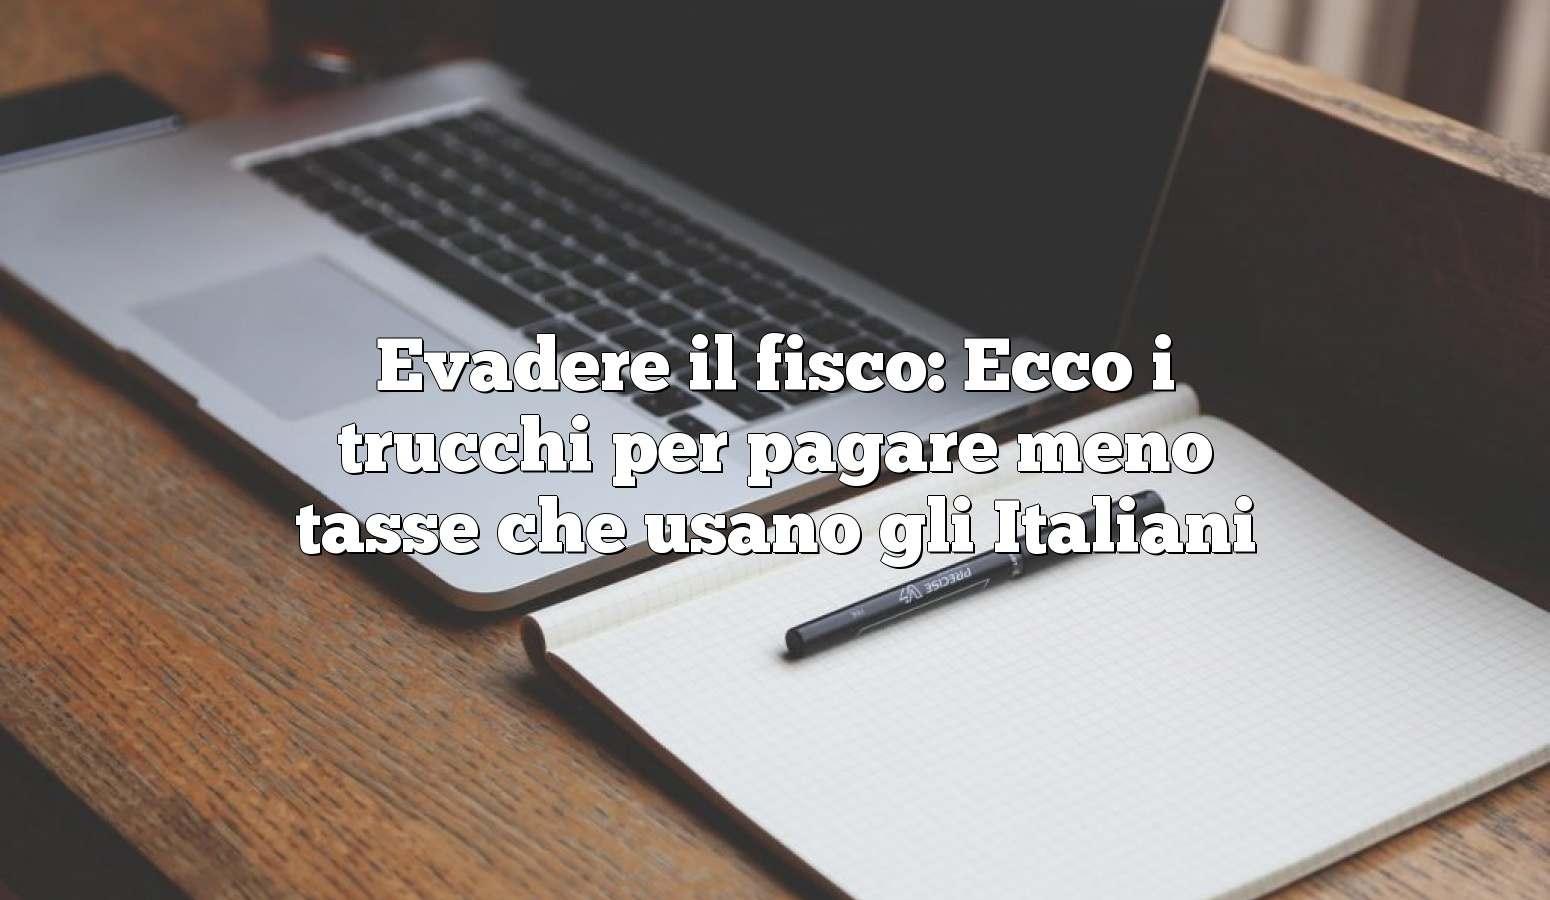 Evadere il fisco: Ecco i trucchi per pagare meno tasse che usano gli Italiani